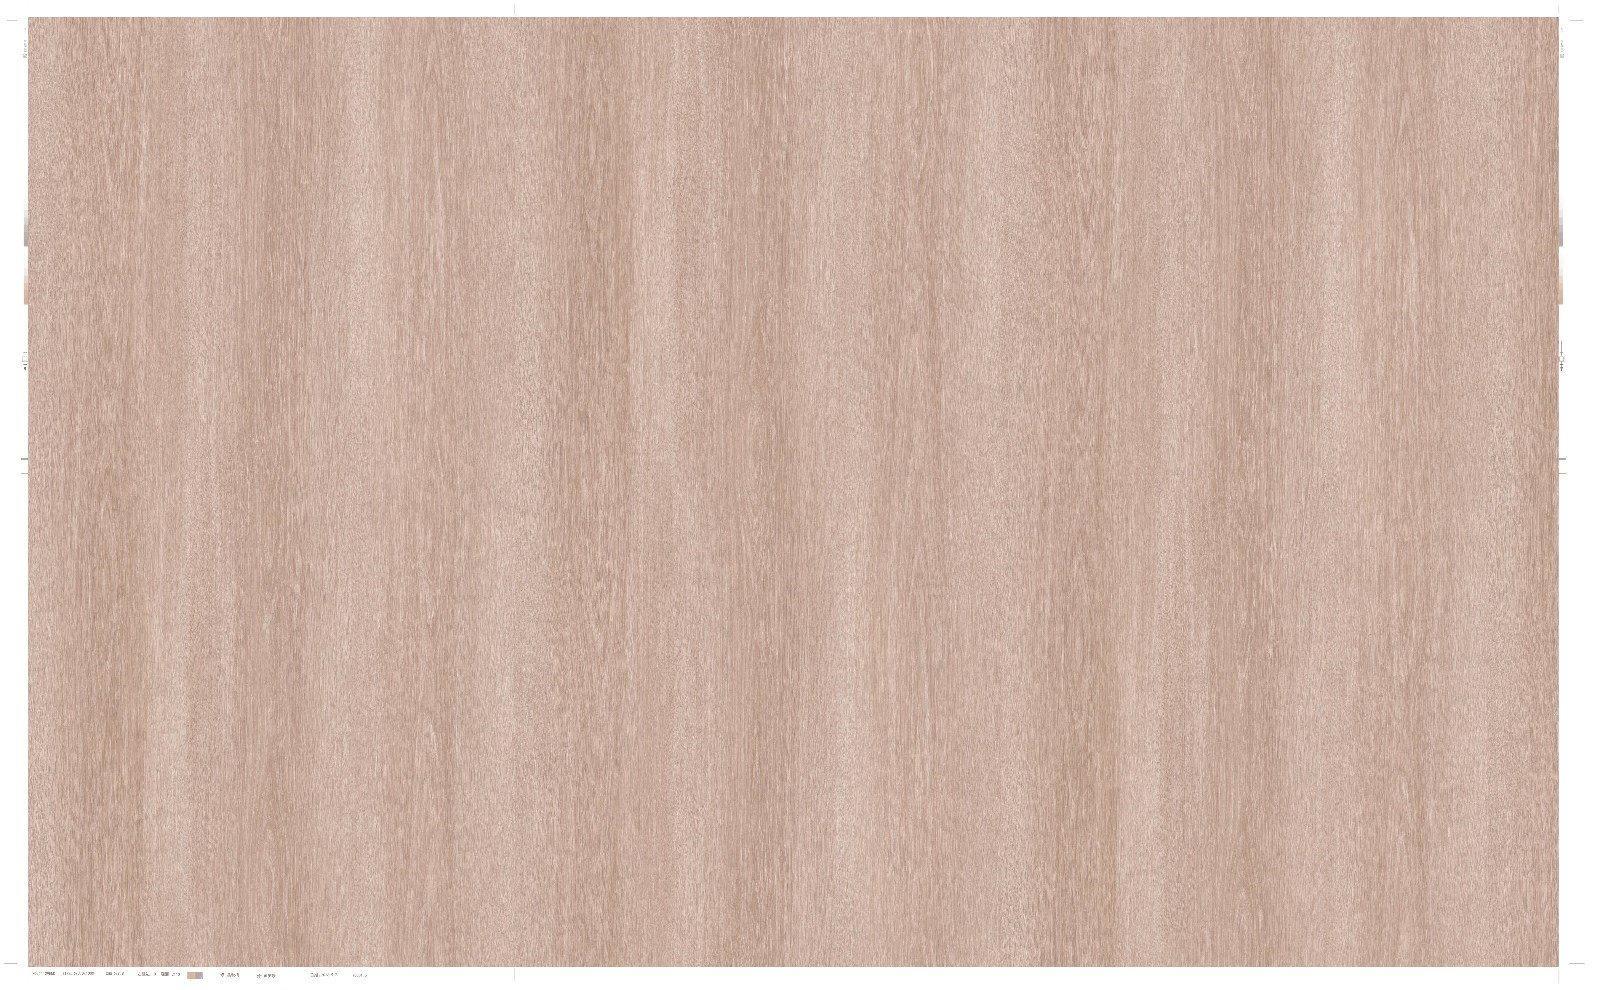 78019 decor paper 70756 78190 I.DECOR Decorative Material